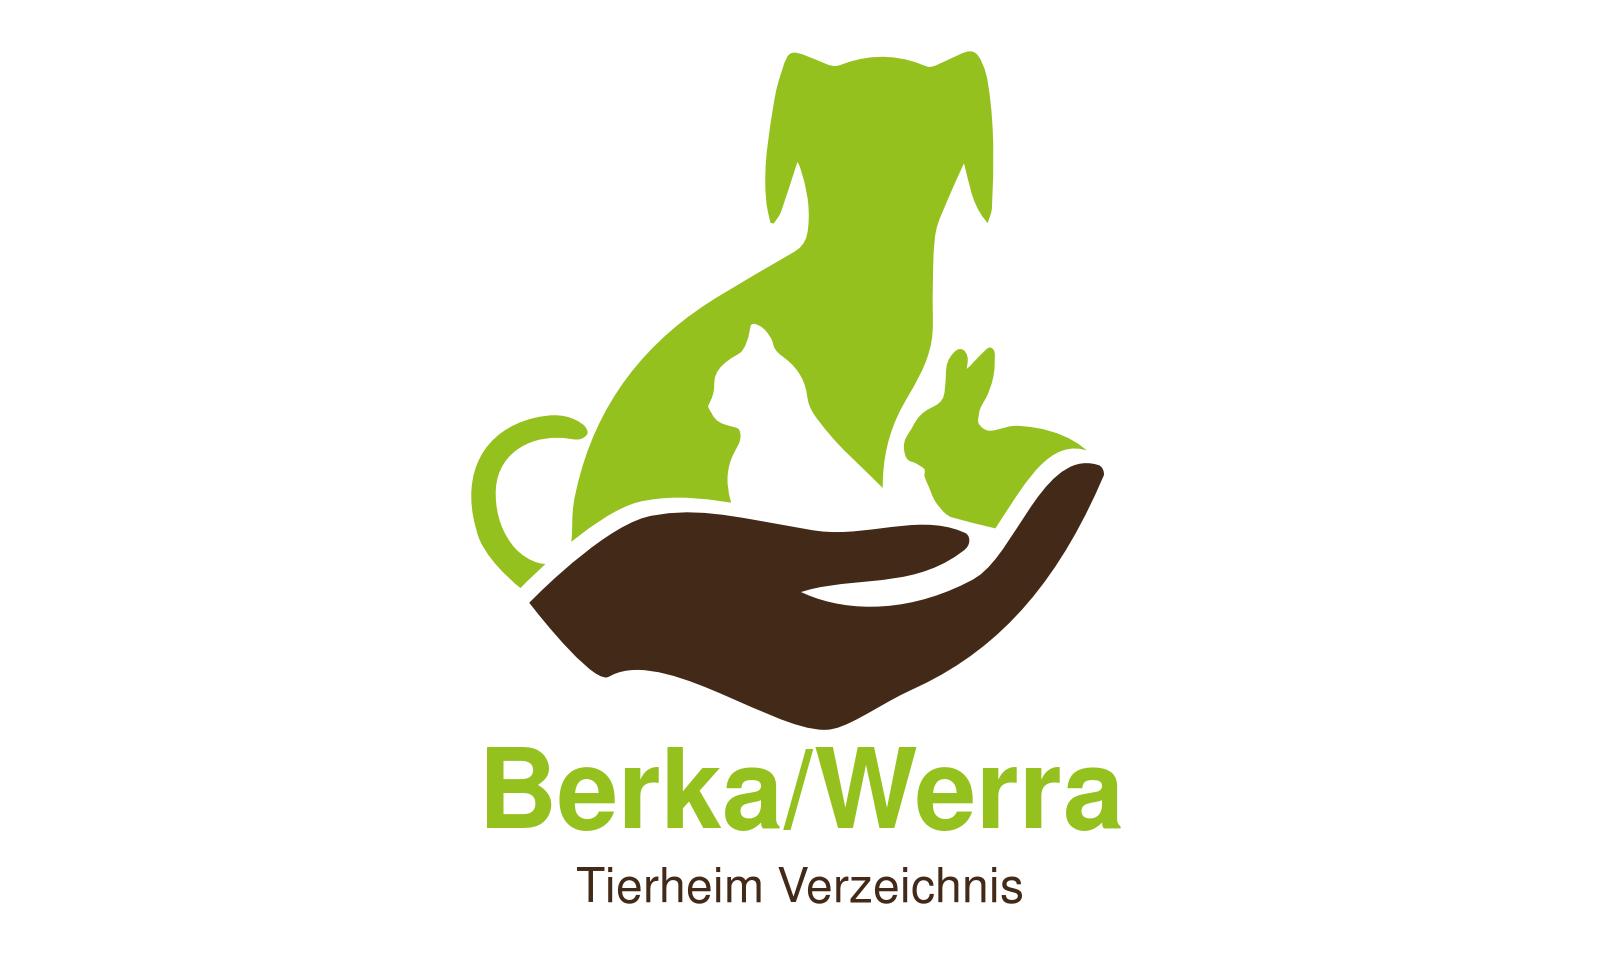 Tierheim Berka/Werra